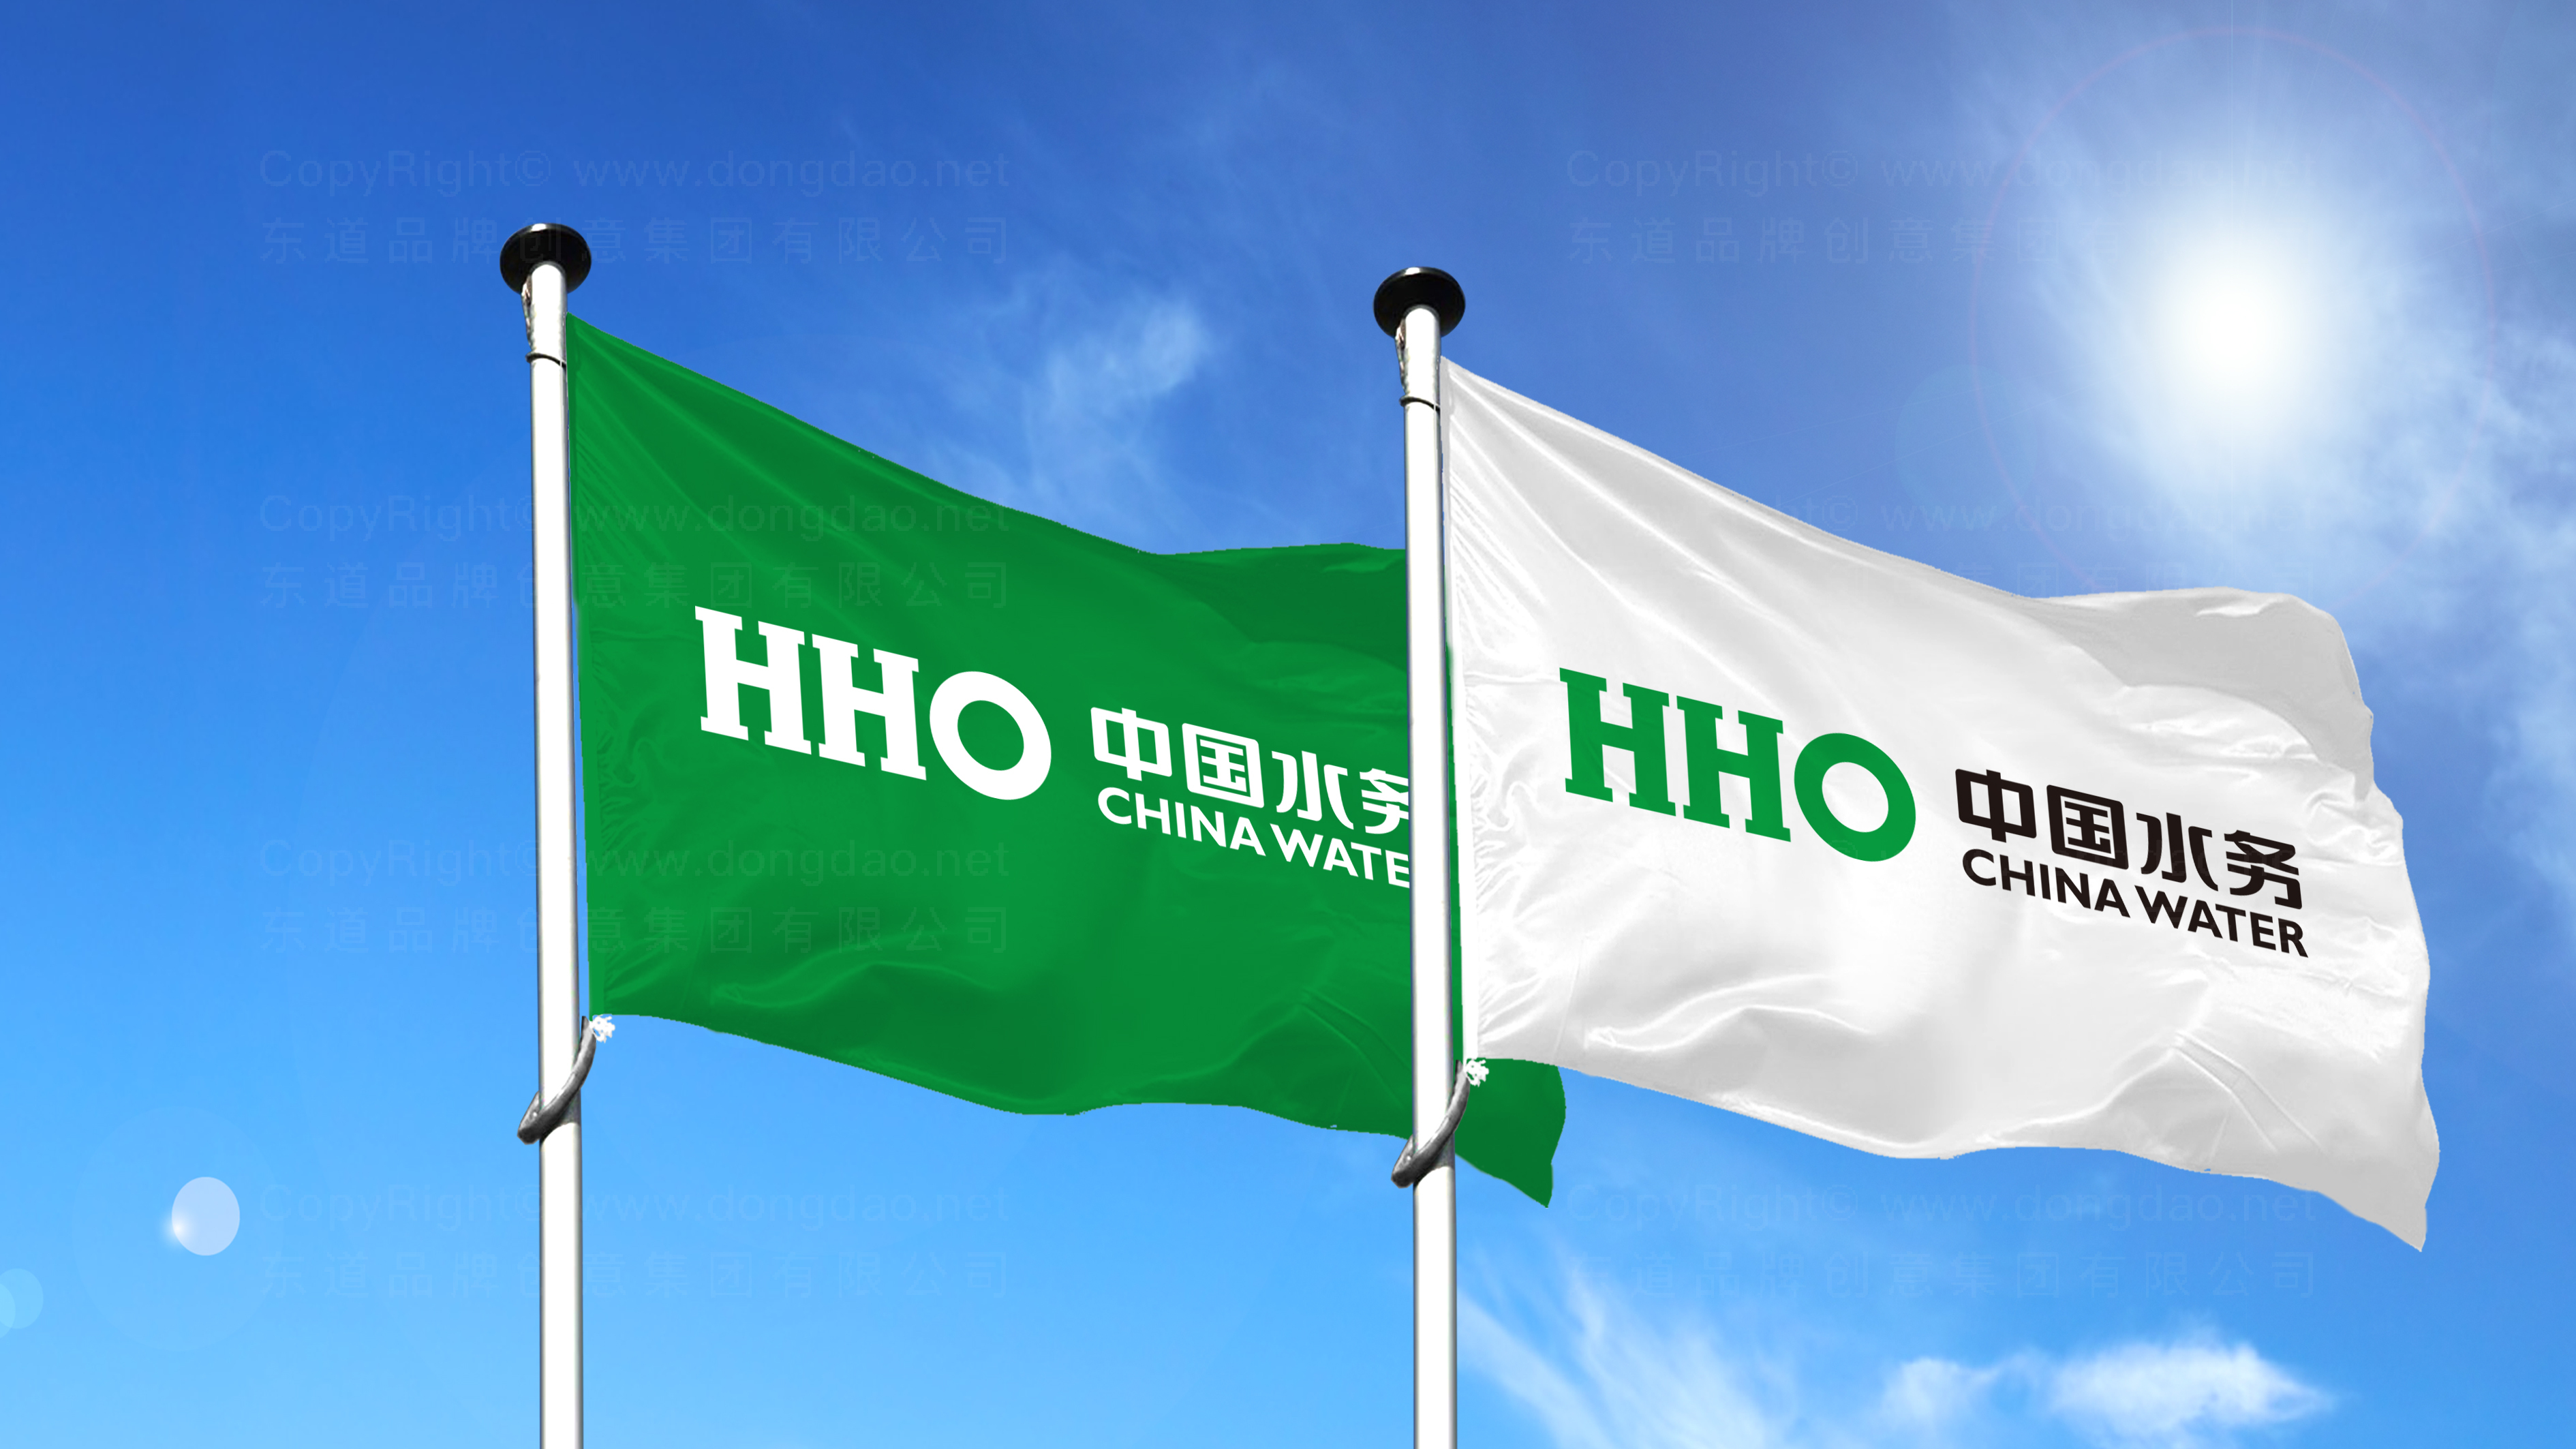 品牌设计中国水务标志设计应用场景